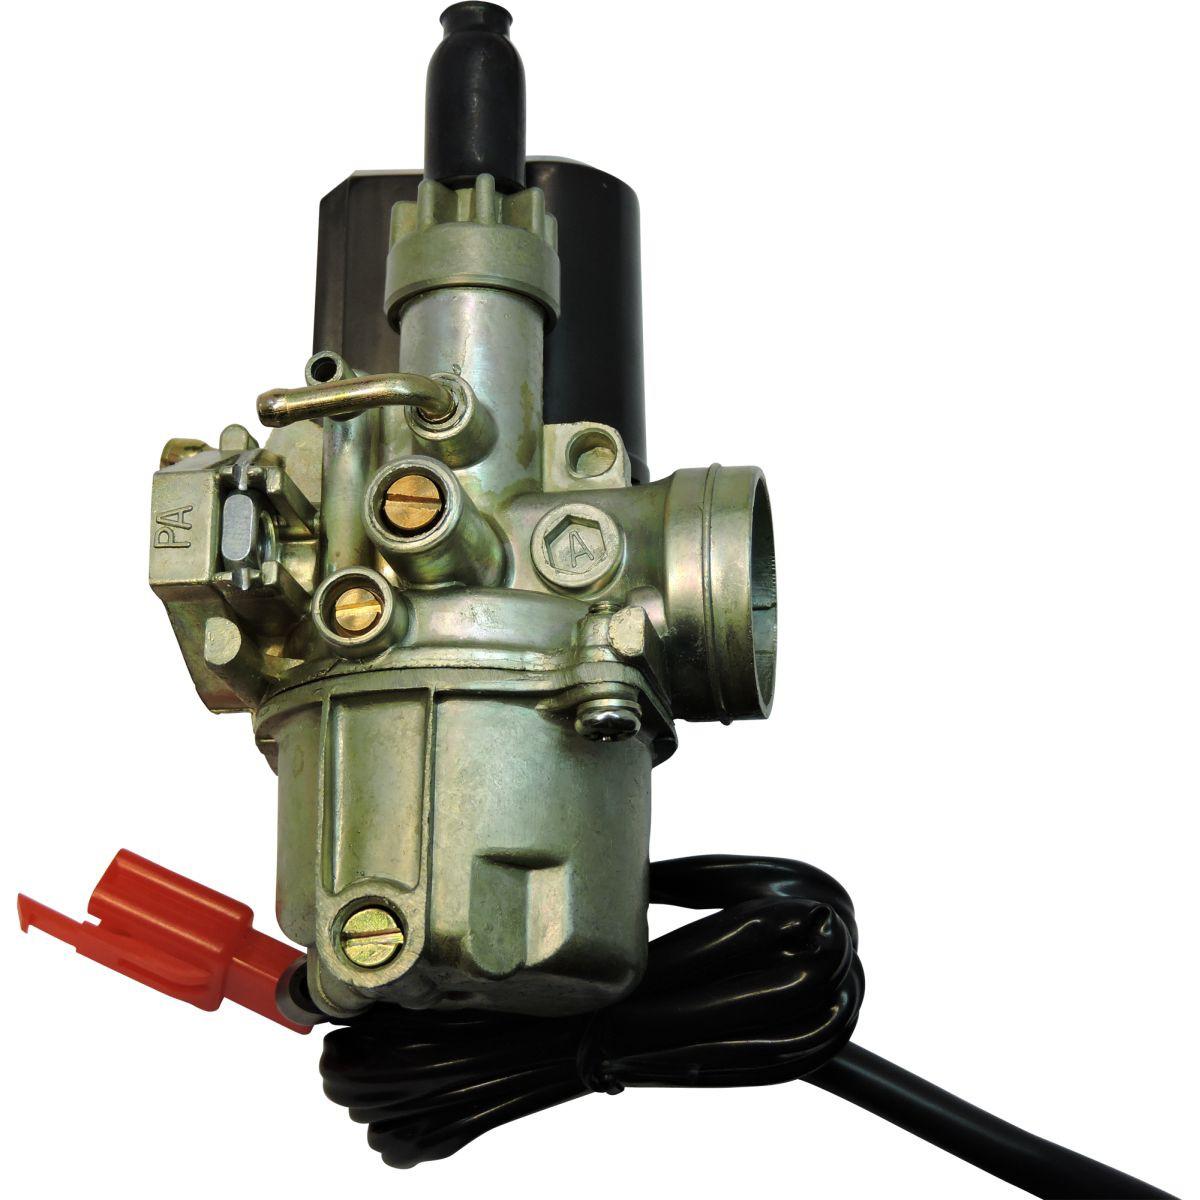 Yamaha Engine Carburetors In Addition Yamaha Qt50 Wiring Diagram As Yamaha  Engine Carburetors In Addition Yamaha Qt50 Wiring Diagram As Download